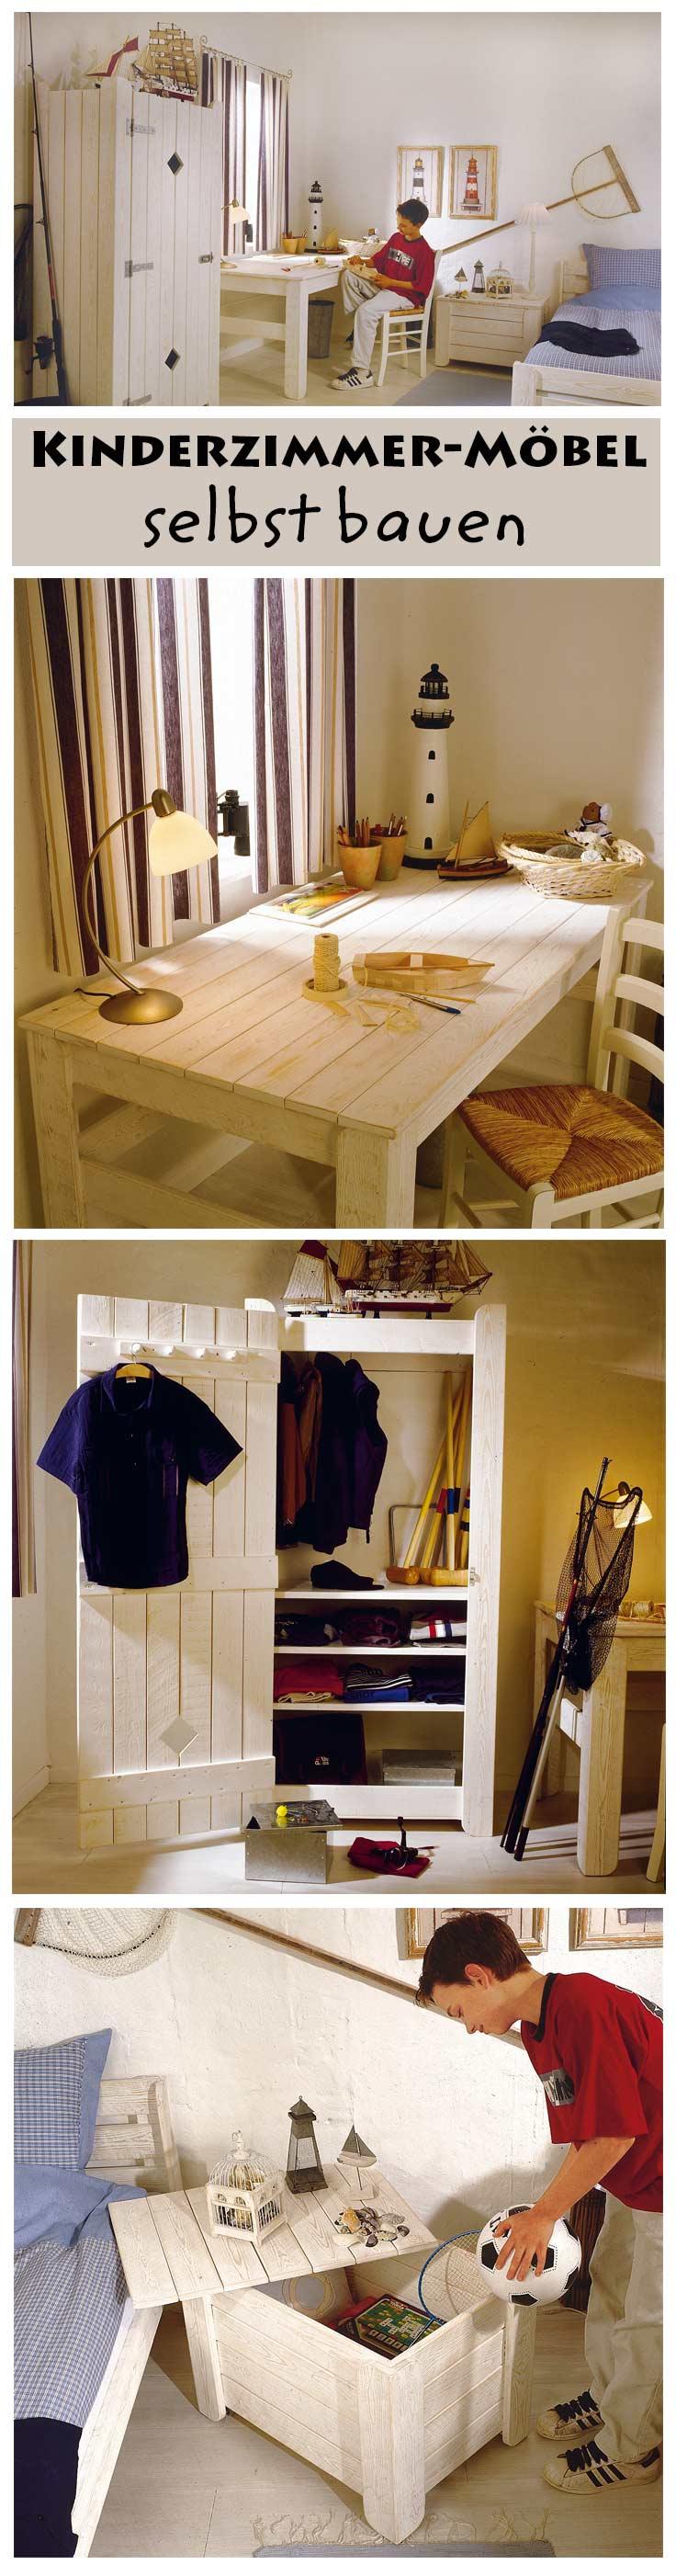 kinderzimmer einrichten kinder hobby diy. Black Bedroom Furniture Sets. Home Design Ideas